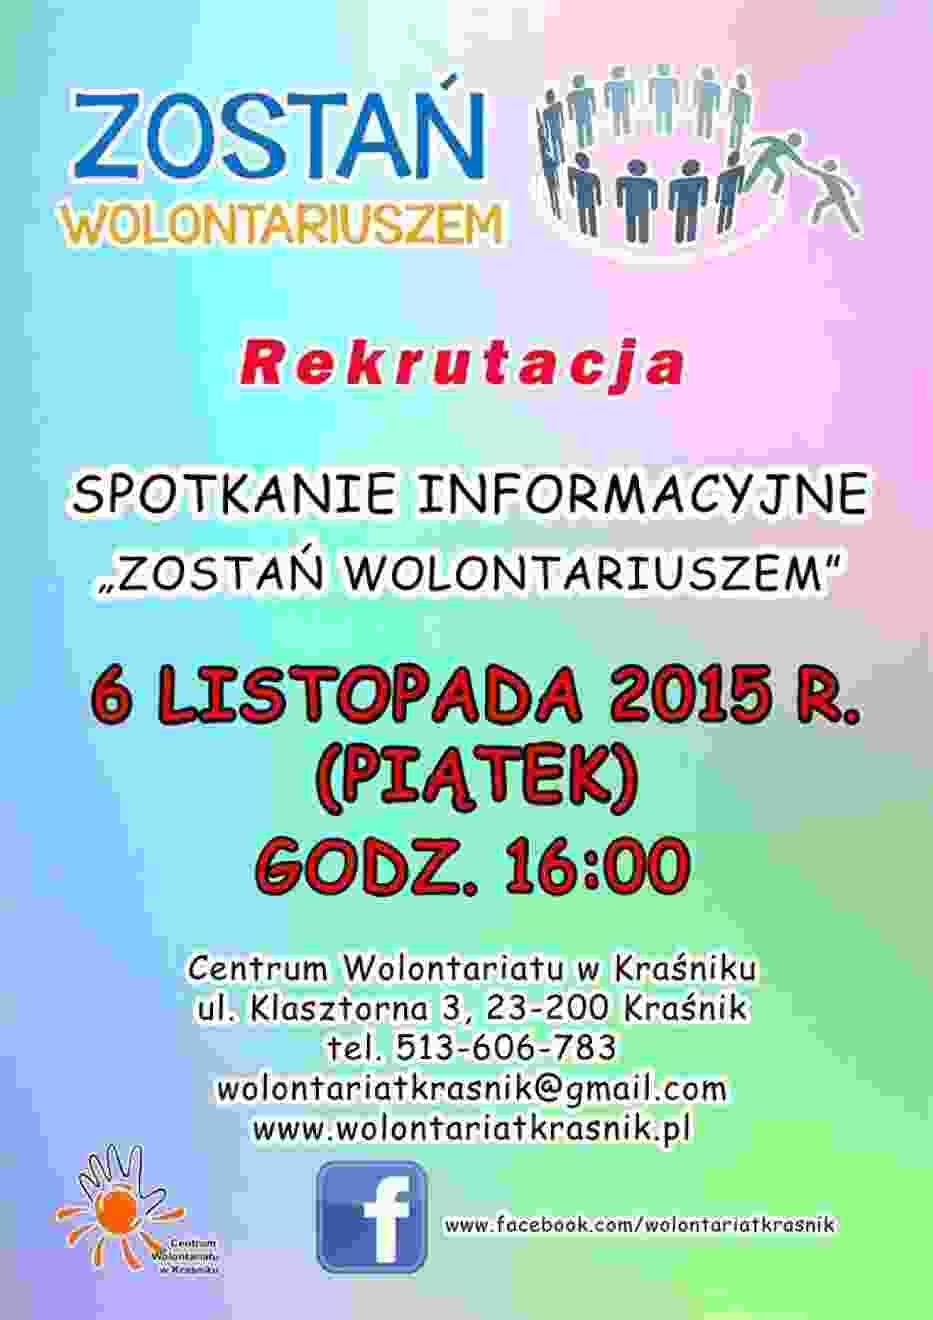 Centrum Wolontariatu w Kraśniku szuka wolontariuszy